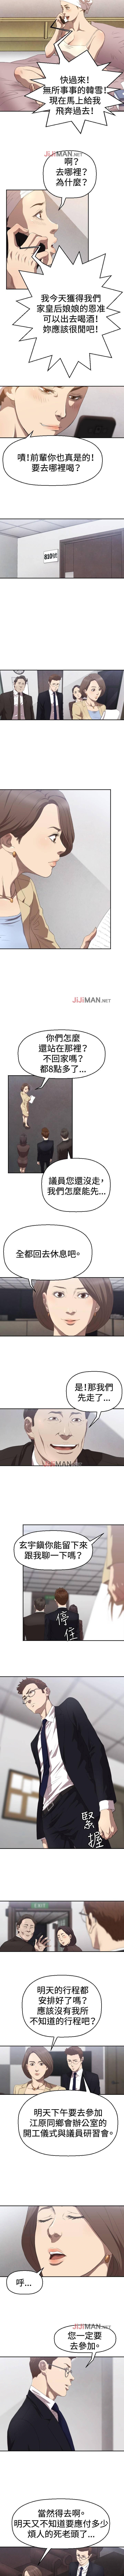 【已完结】索多玛俱乐部(作者:何藝媛&庫奈尼) 第1~32话 17